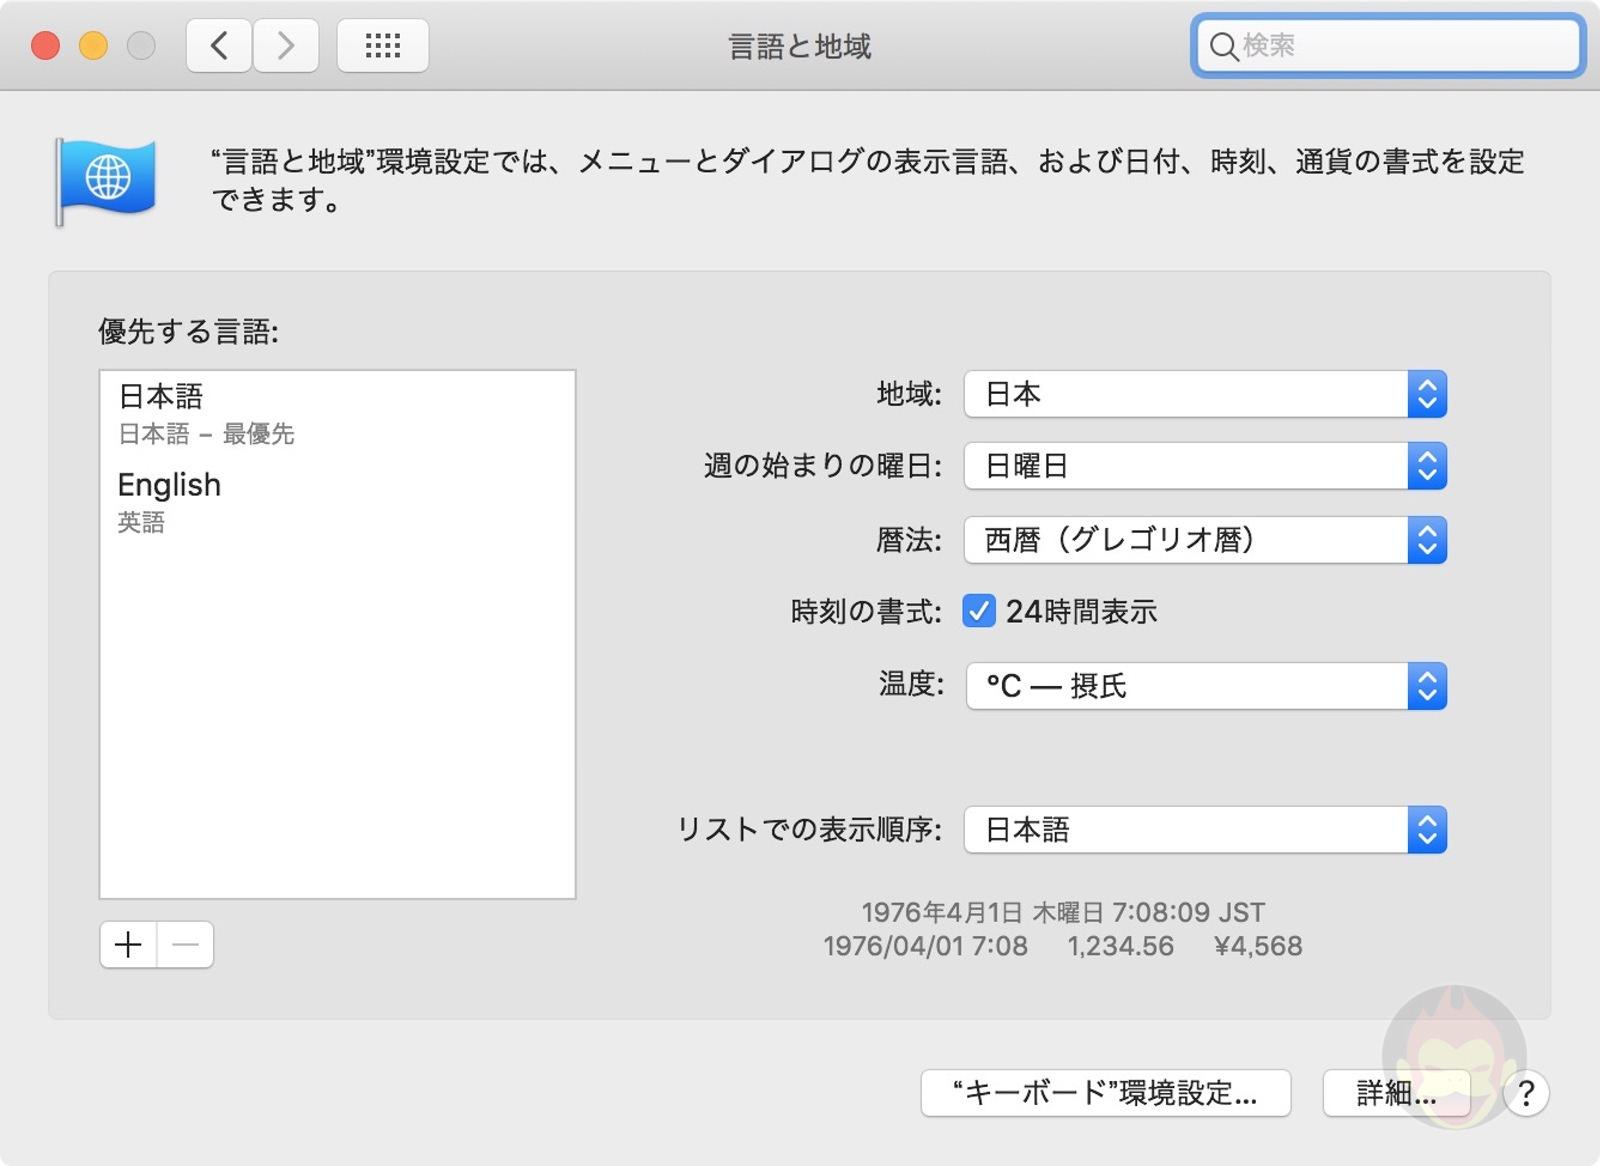 macOS-Calendar-24hour-format-02